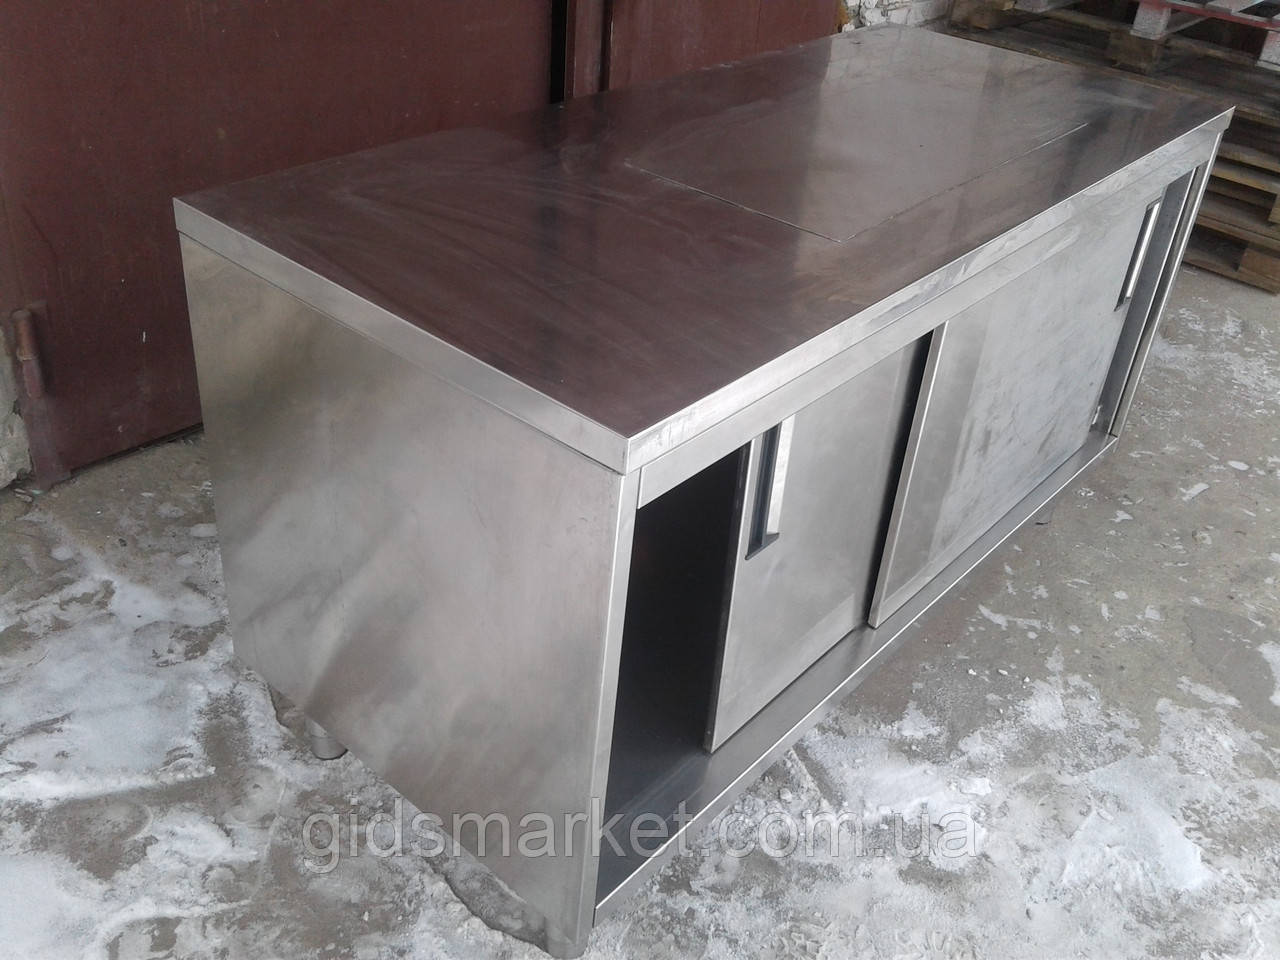 Стол тумба с нержавеющей стали б у, стол нержавейка б/у, нержавеющий стол - тумба б у